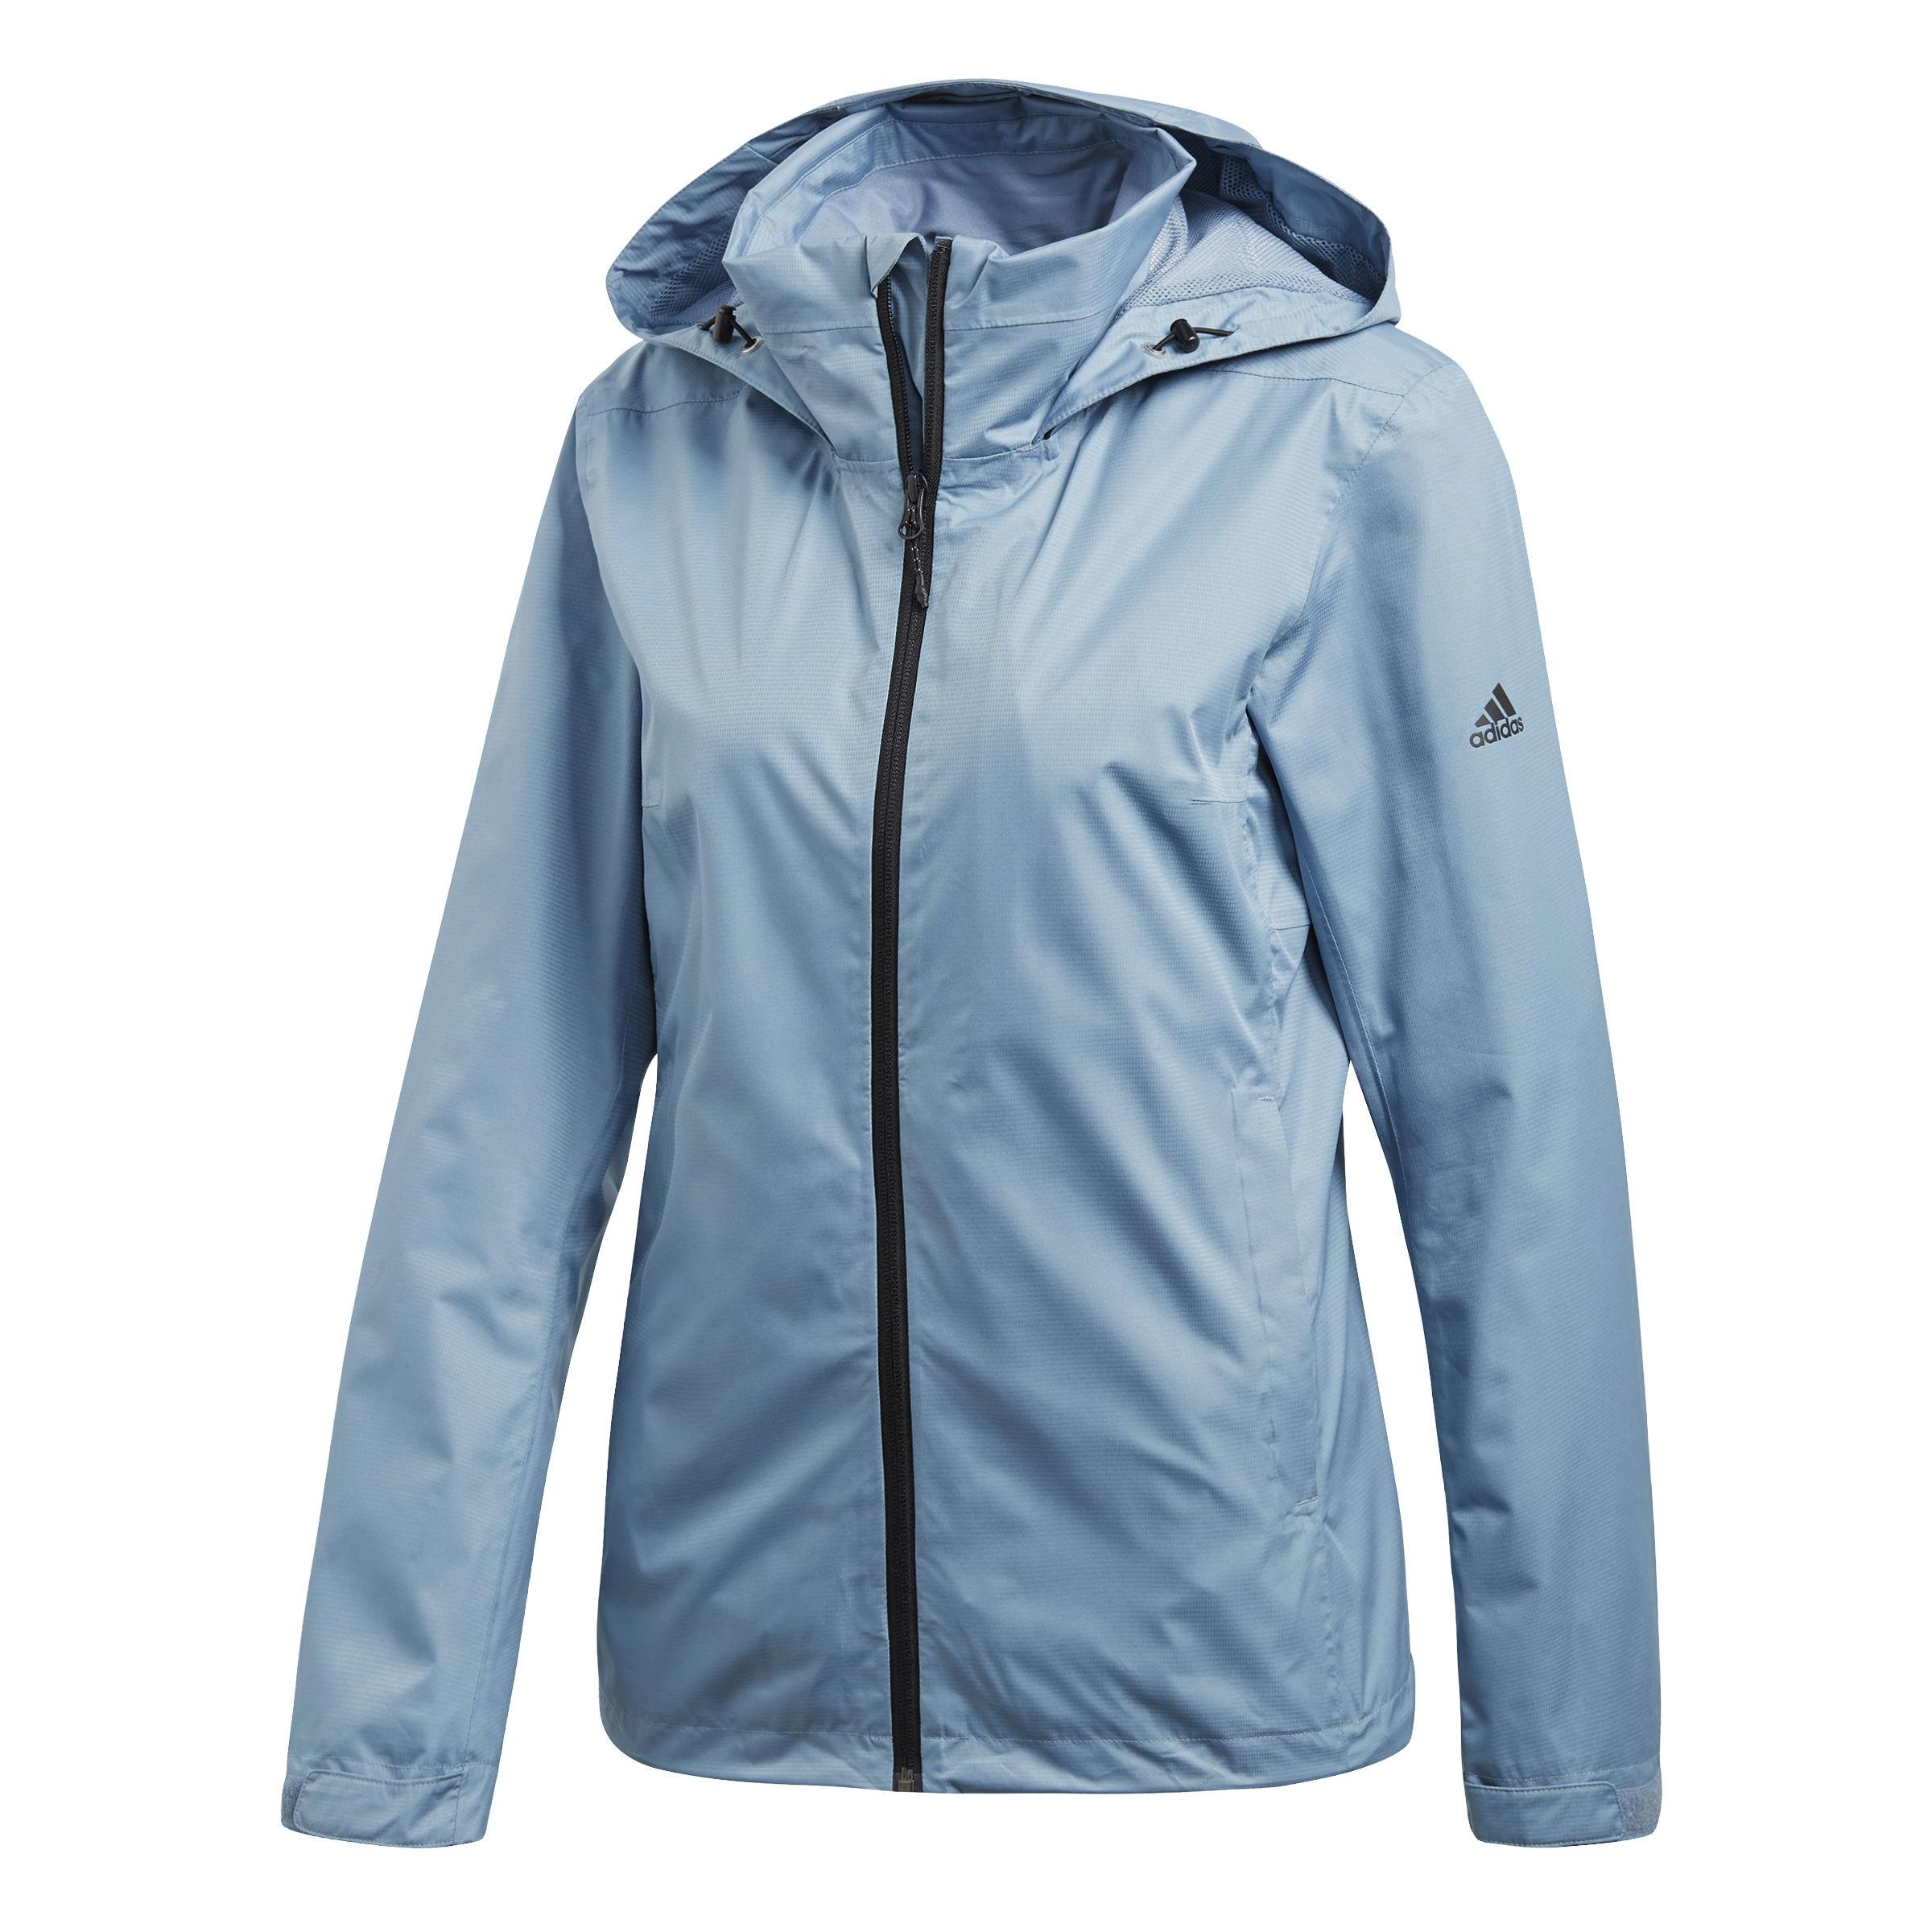 Adidas Outdoor Wandertag Rain Jacket Womens